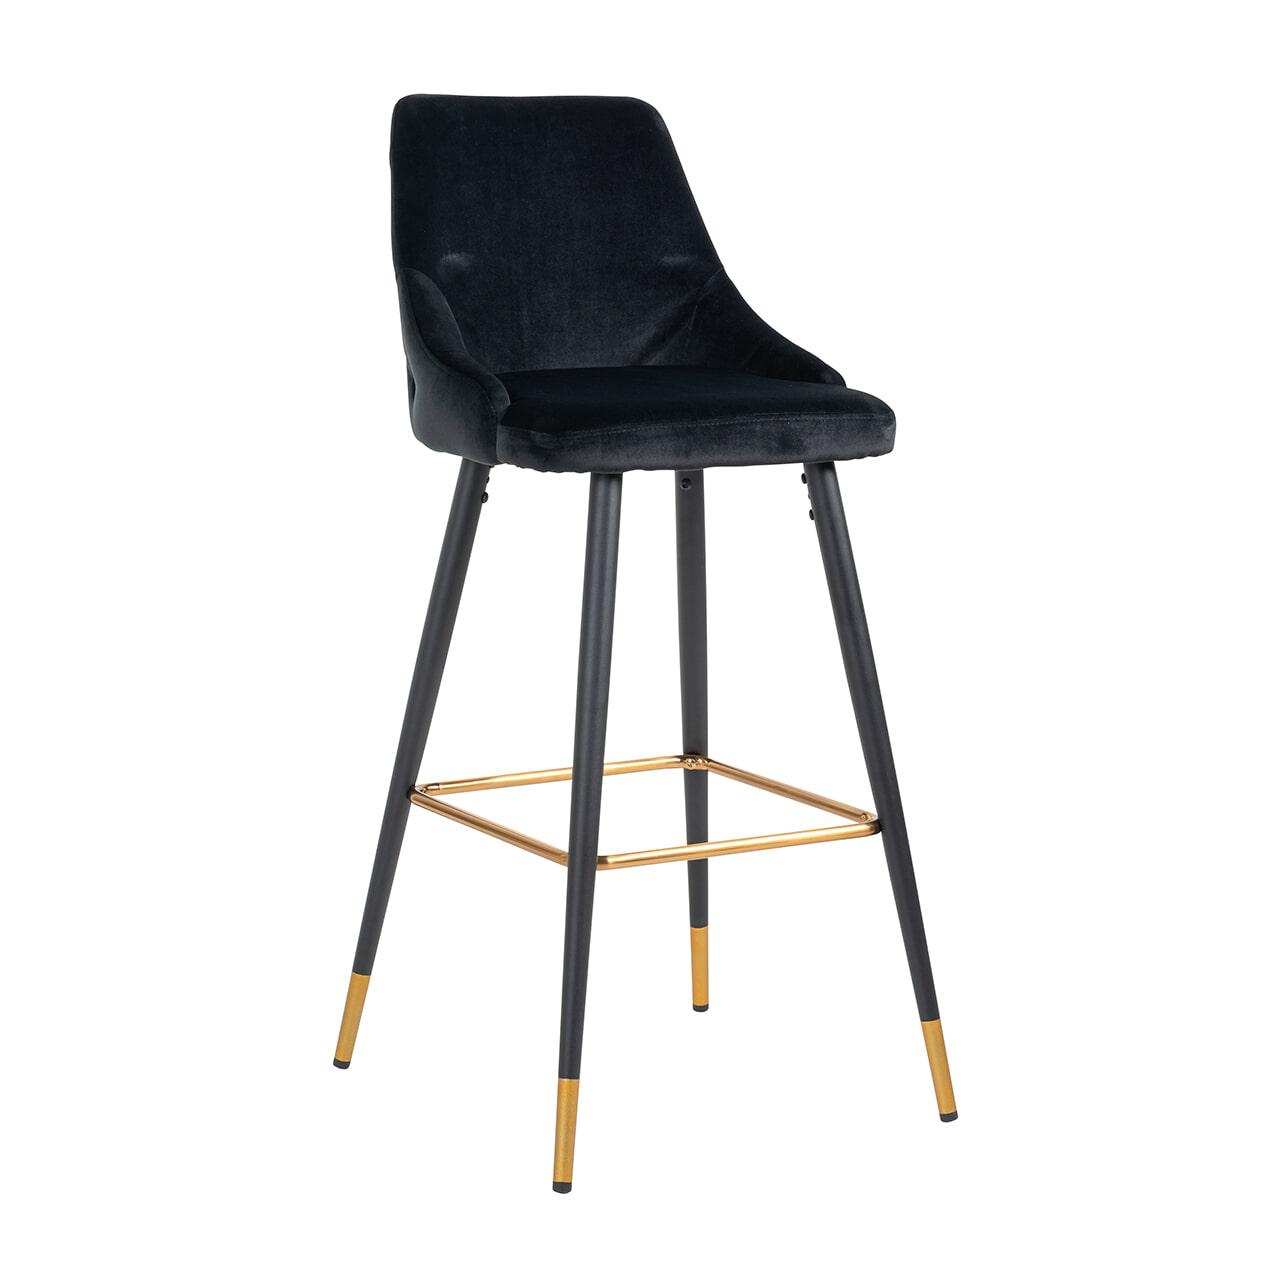 Richmond Barstoel 'Imani' Velvet, kleur Zwart (zithoogte 77cm)